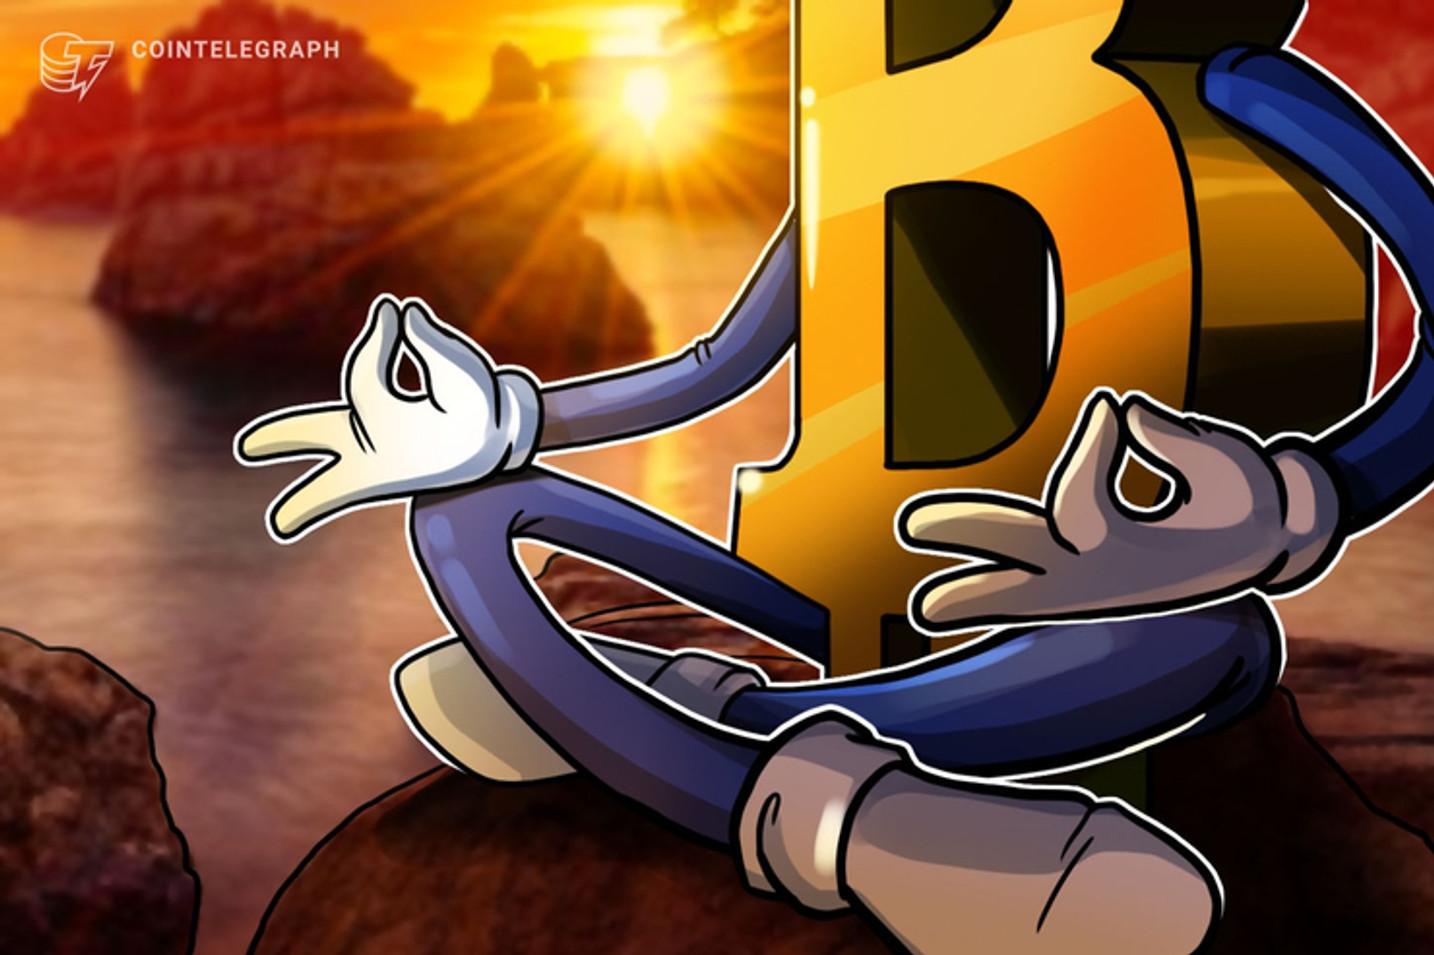 ビットコインは上昇局面の「最初の段階にある」、著名テクニカルアナリストが分析【仮想通貨相場】